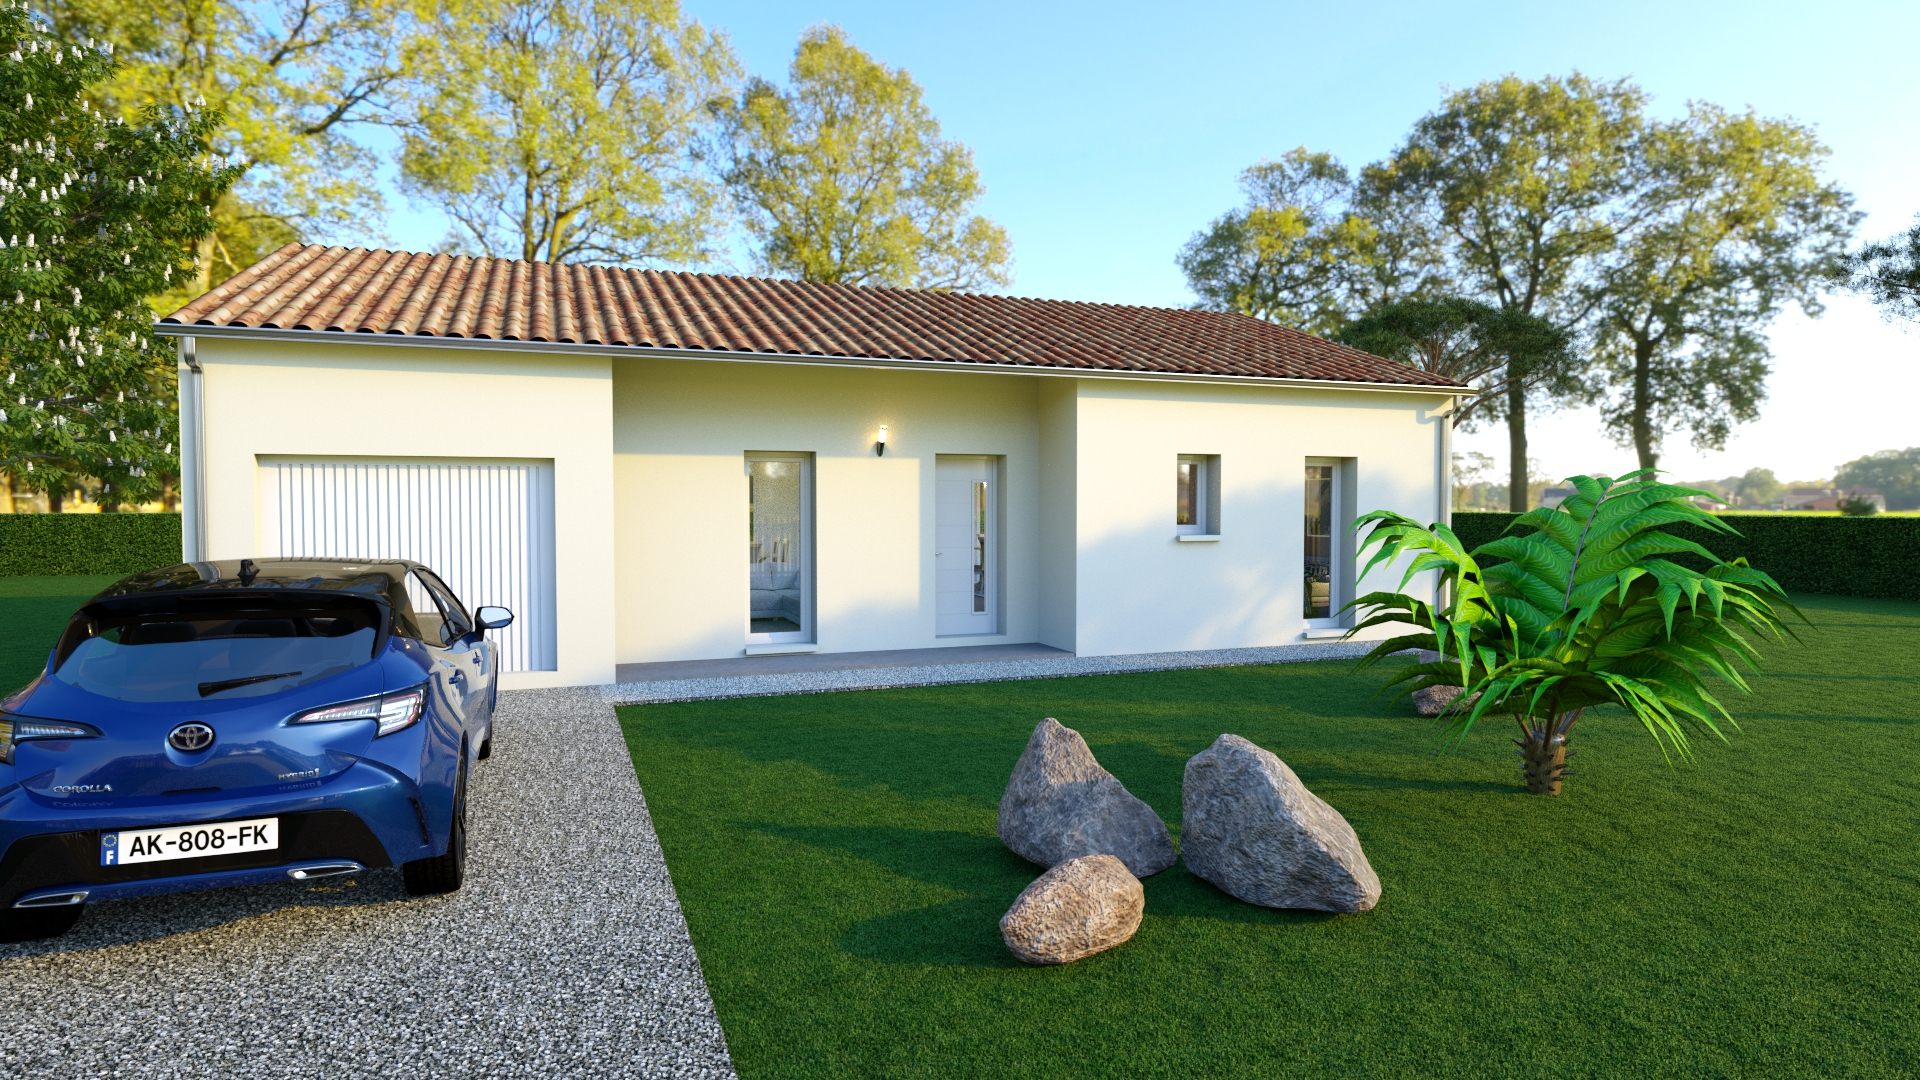 Modèle de maison URSULA